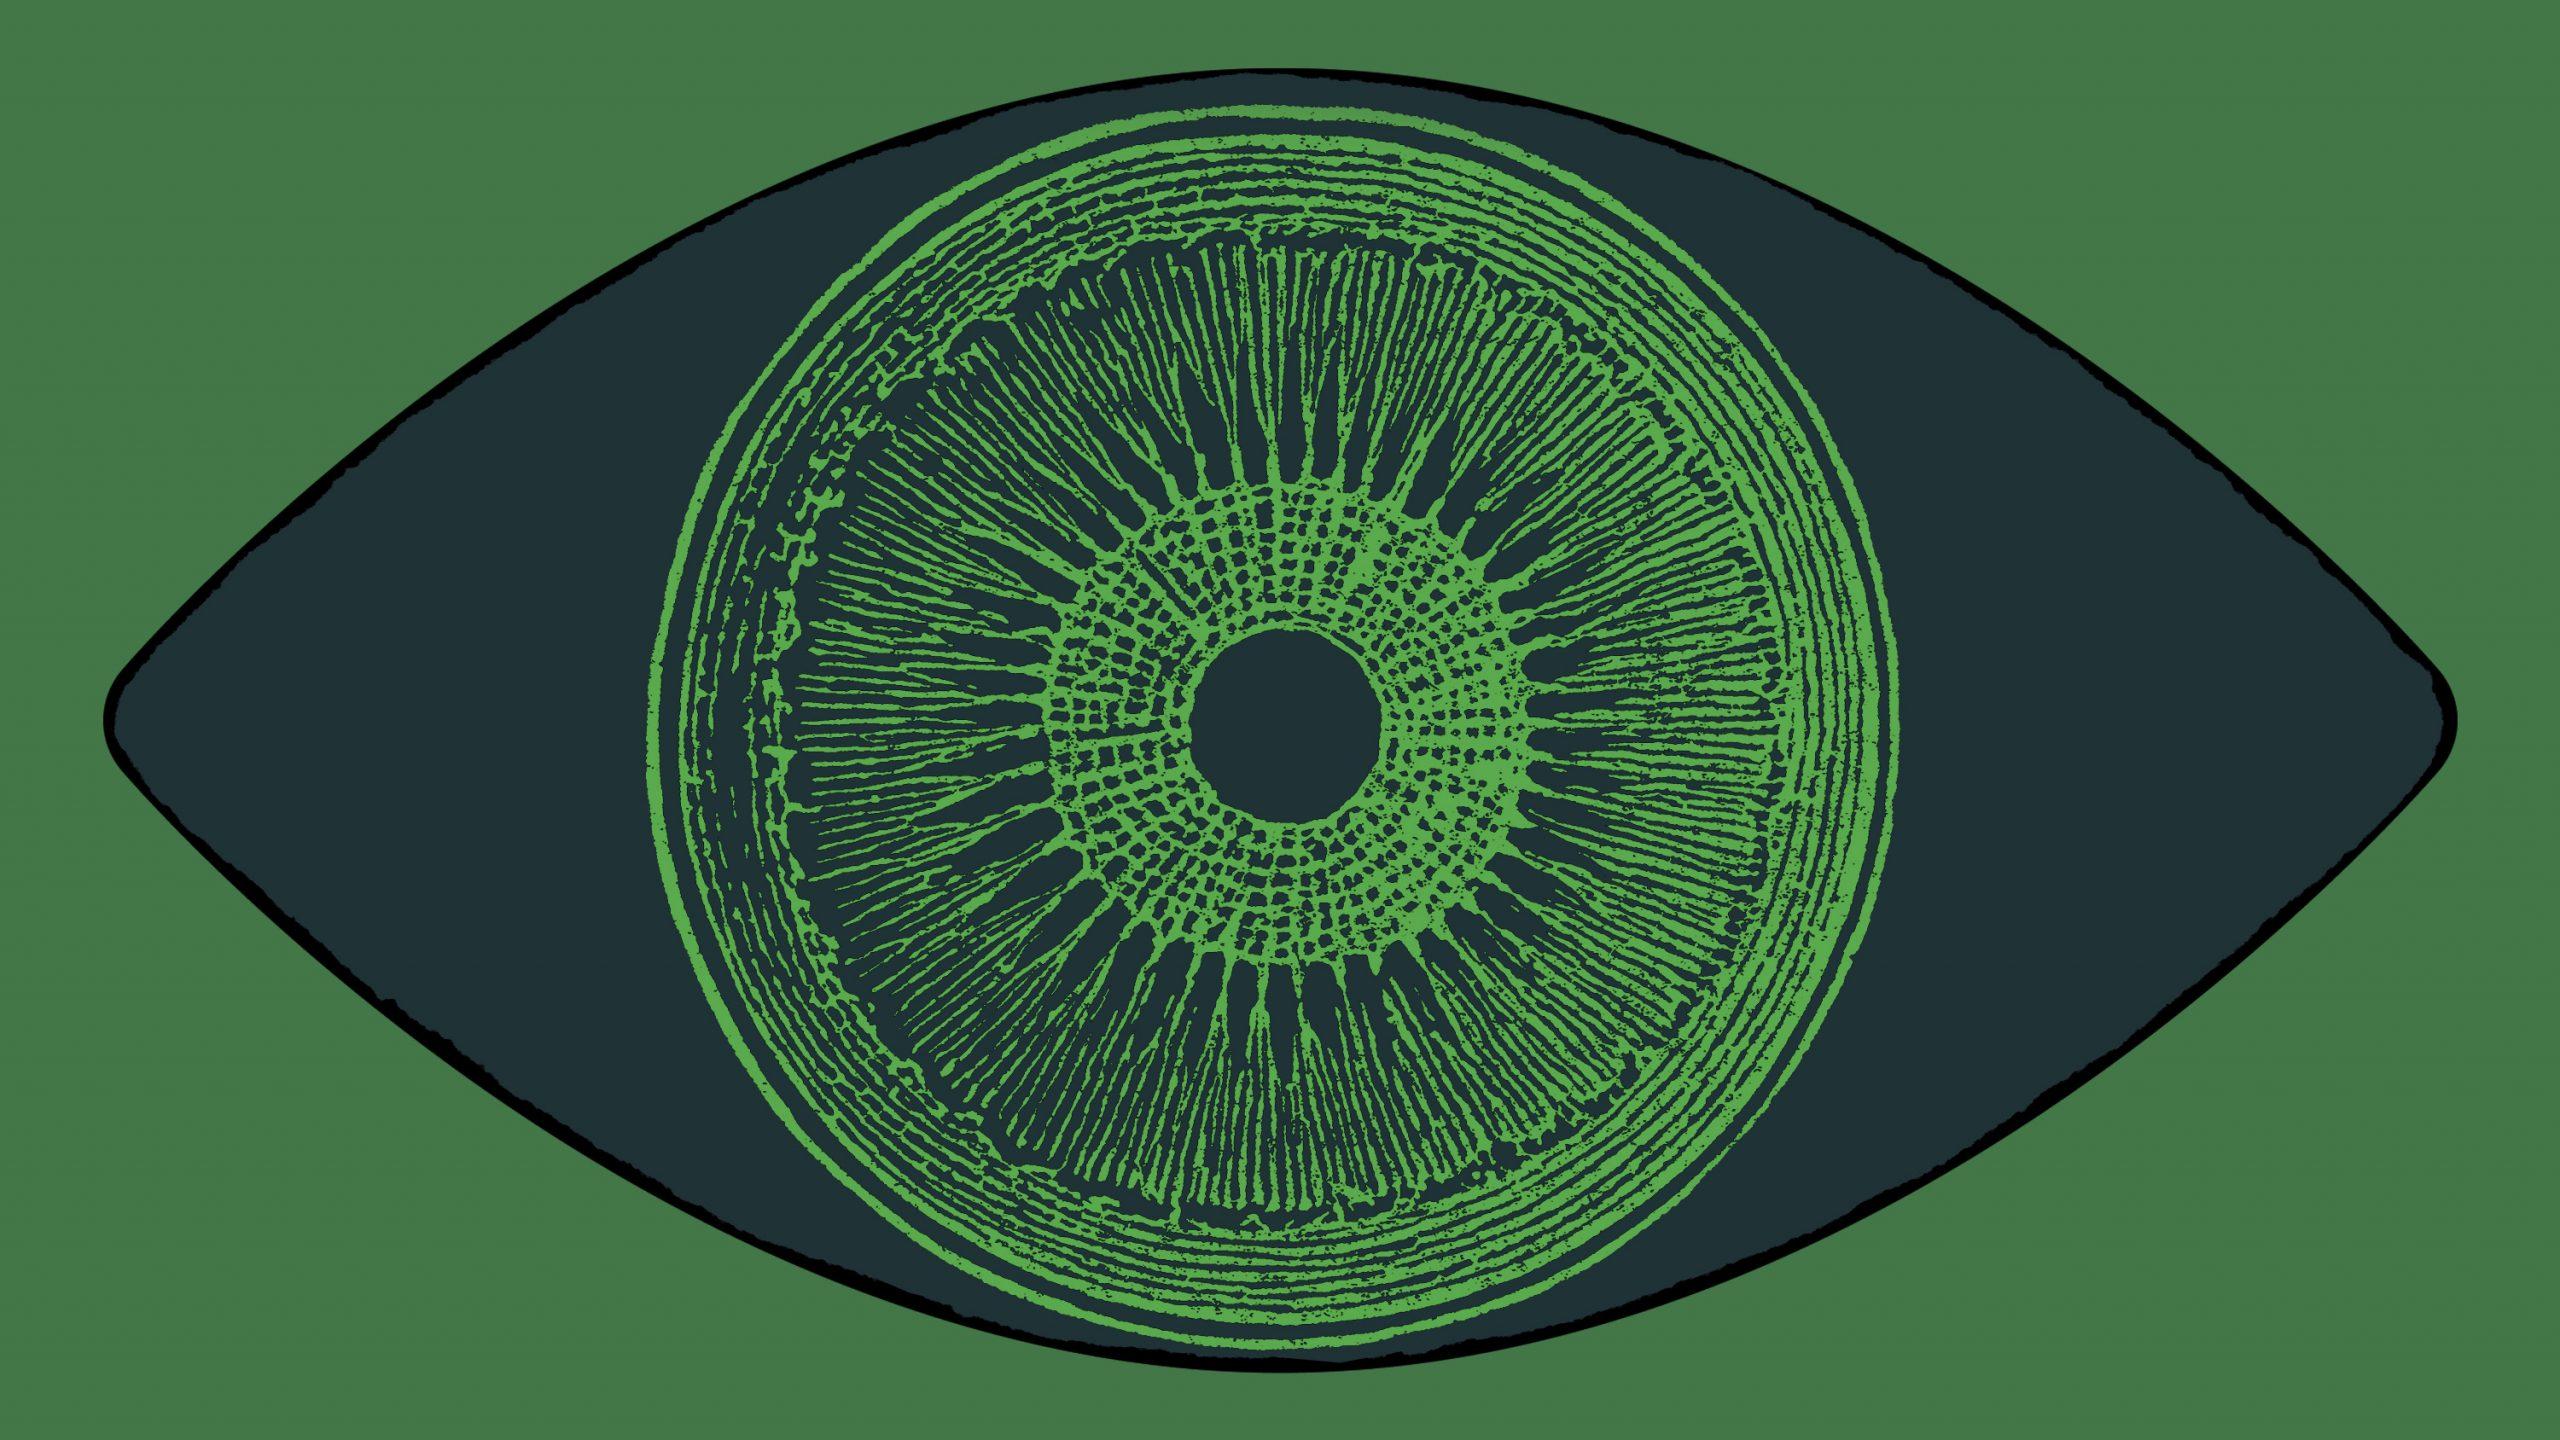 「藻」の遺伝子で失明から視力回復、光遺伝学で新成果